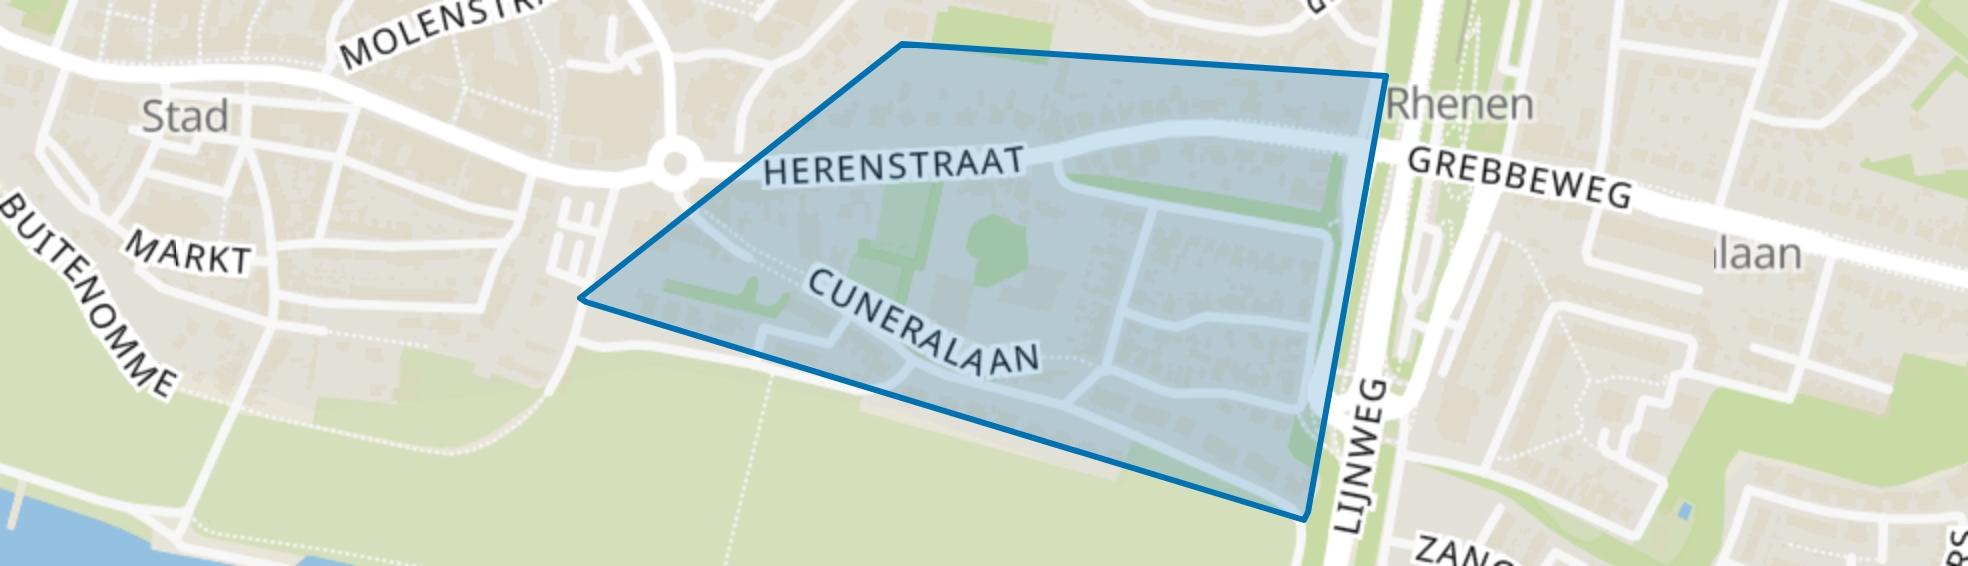 Cunera, Rhenen map